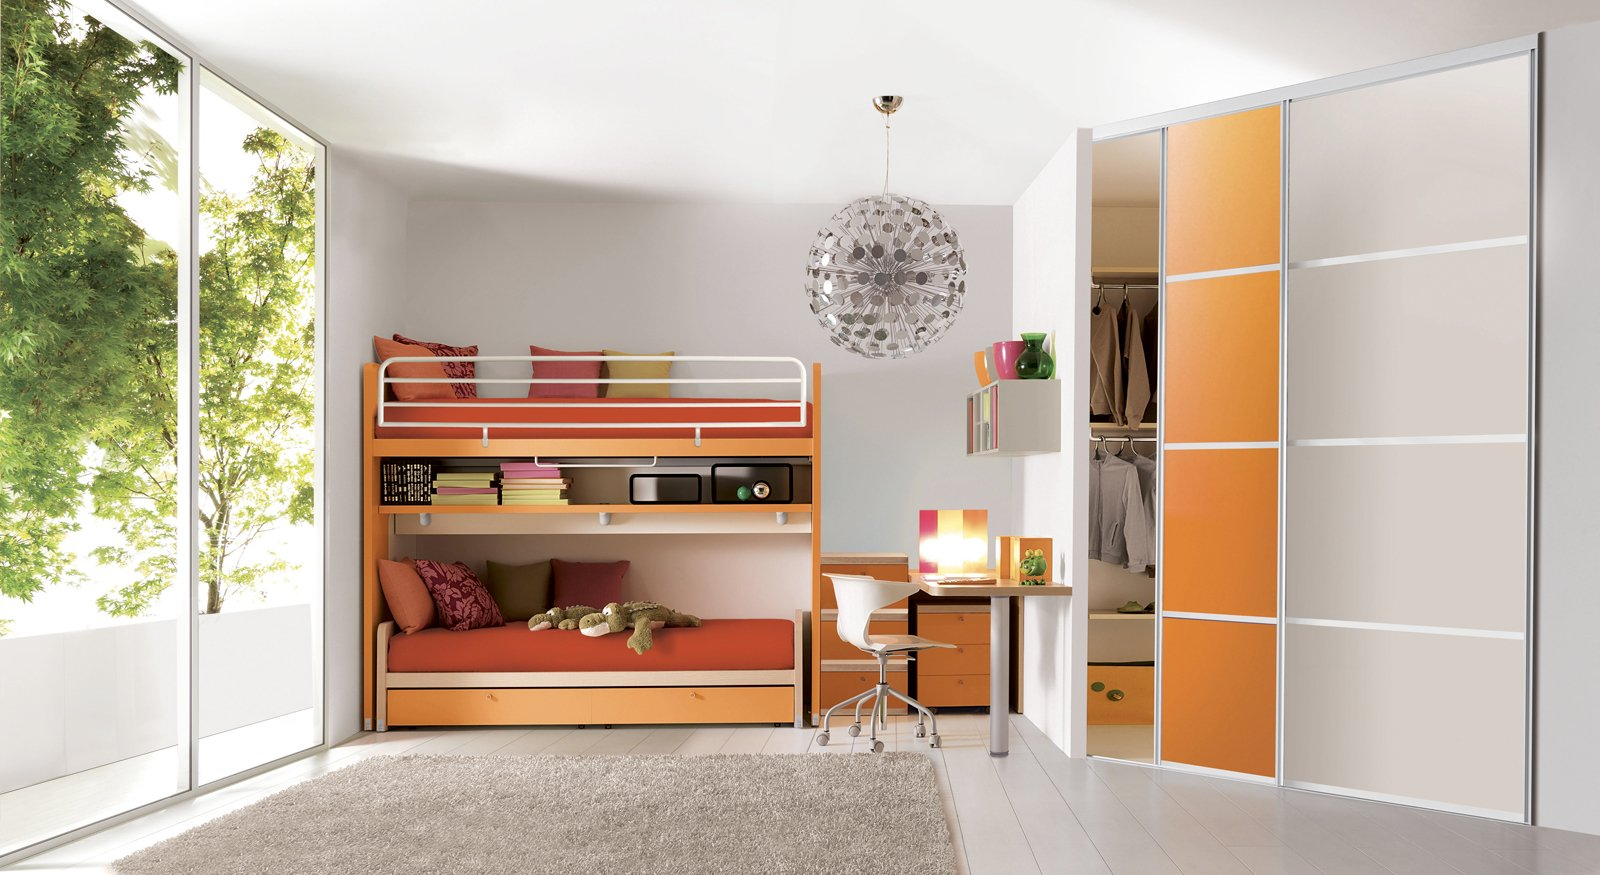 cabine armadio, soluzione trendy - cose di casa - Cabine Armadio In Cartongesso Misure